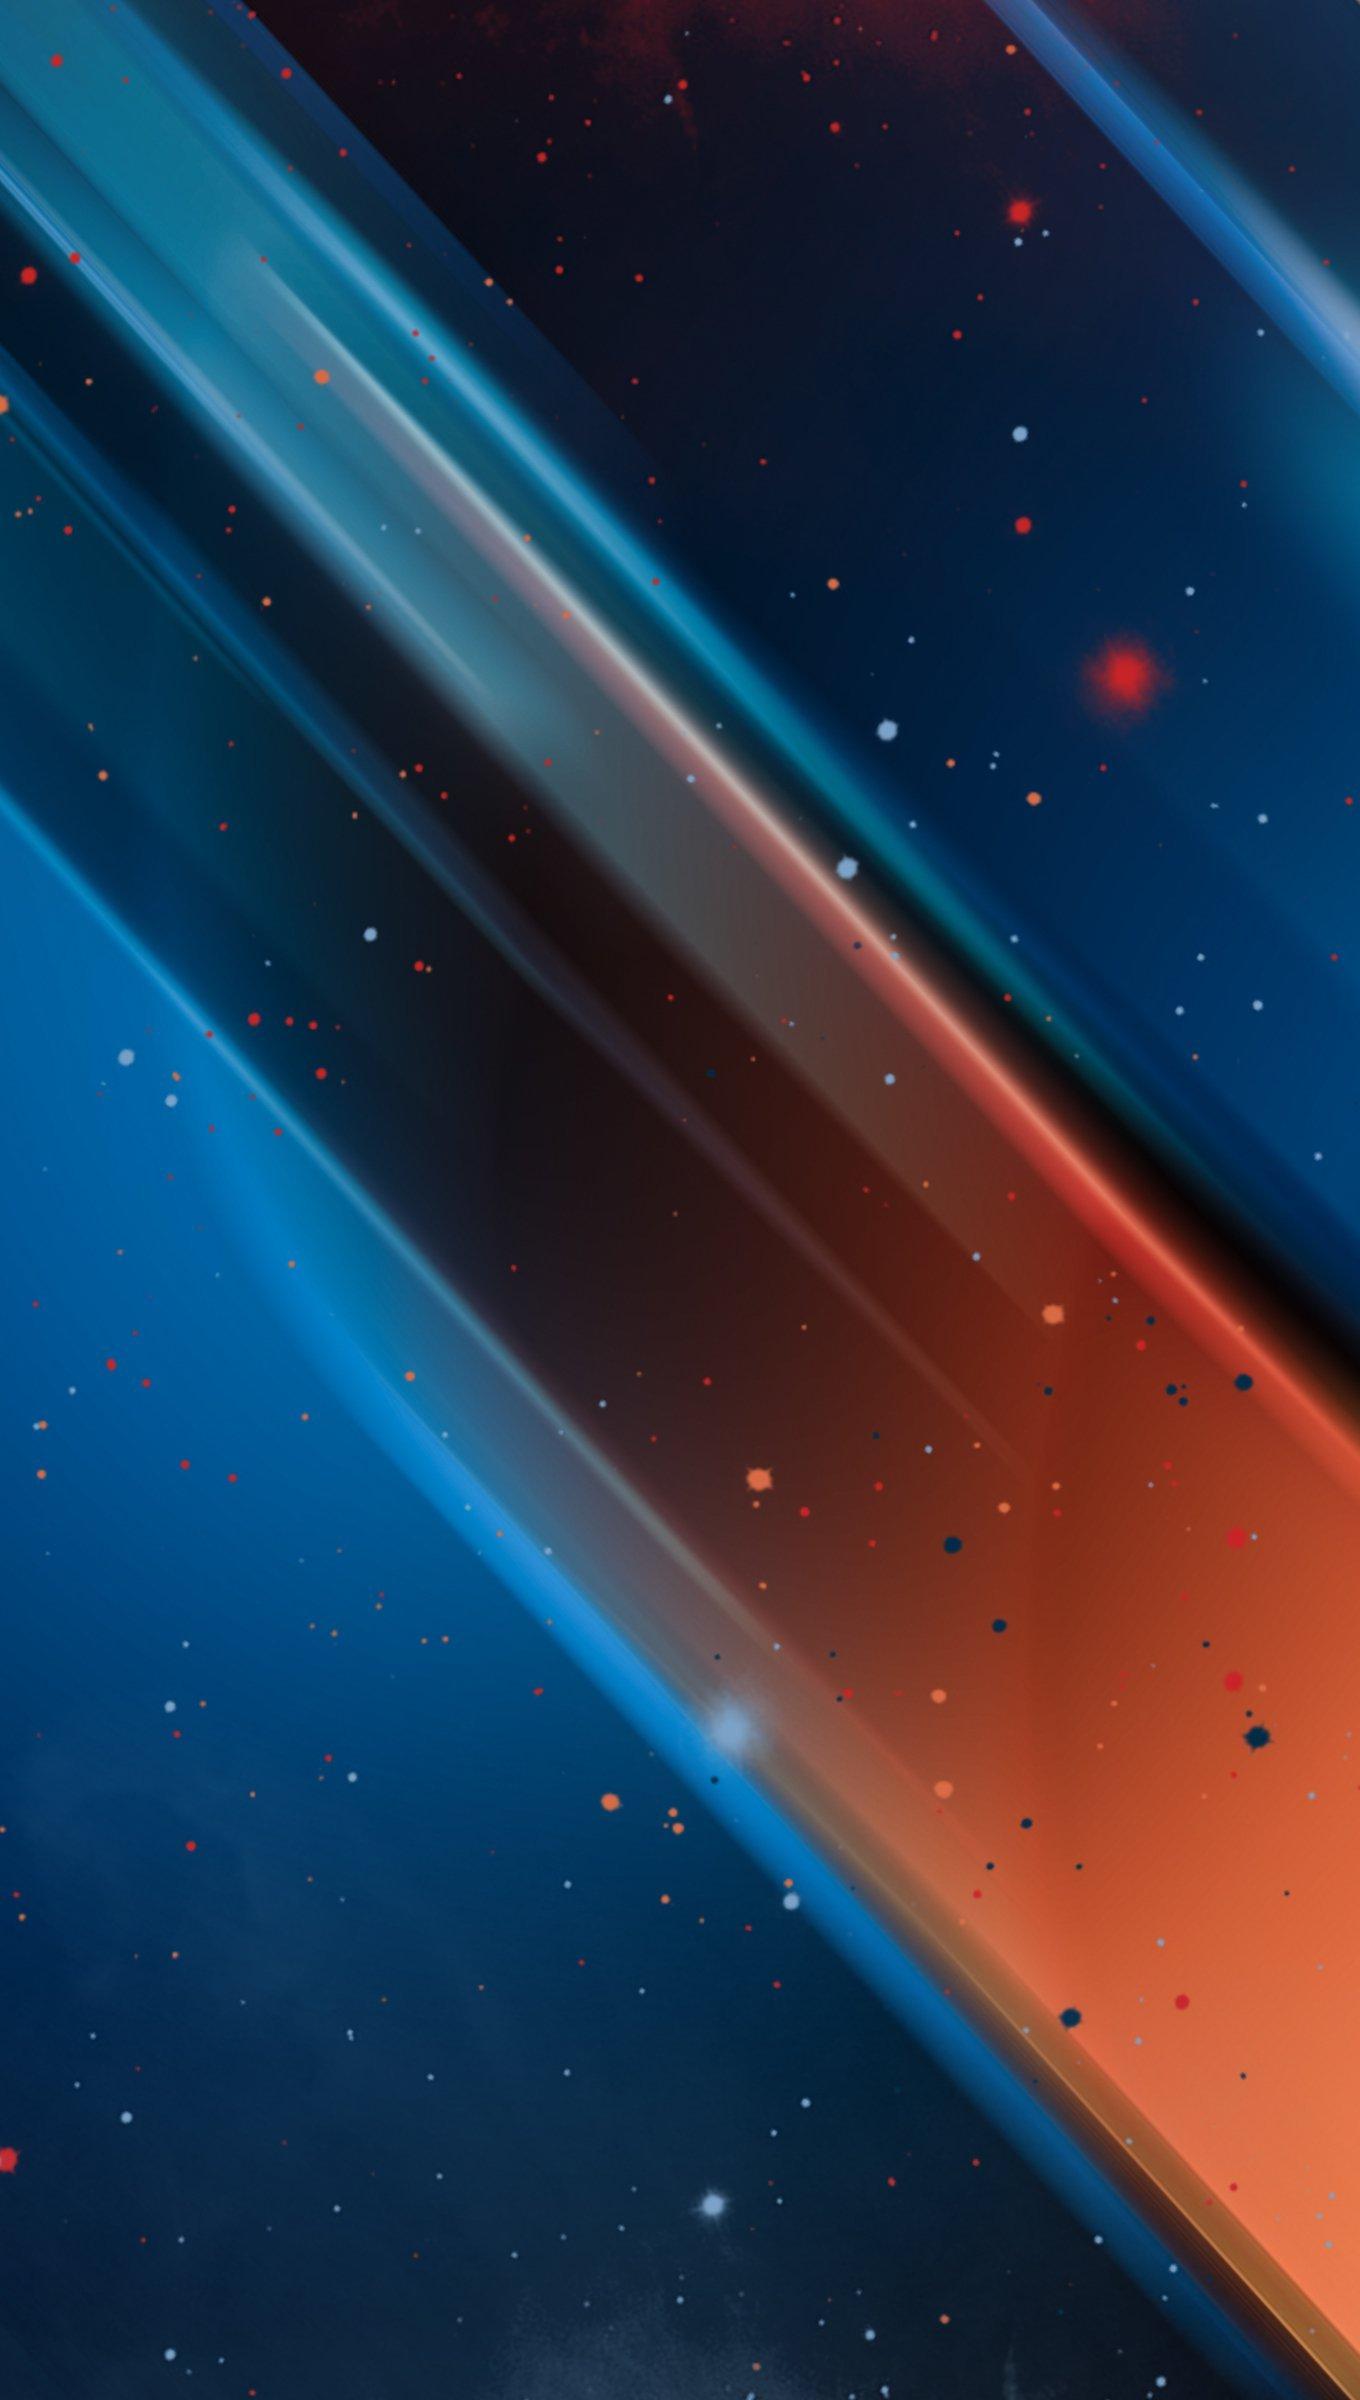 Fondos de pantalla Particulas y colores Vertical